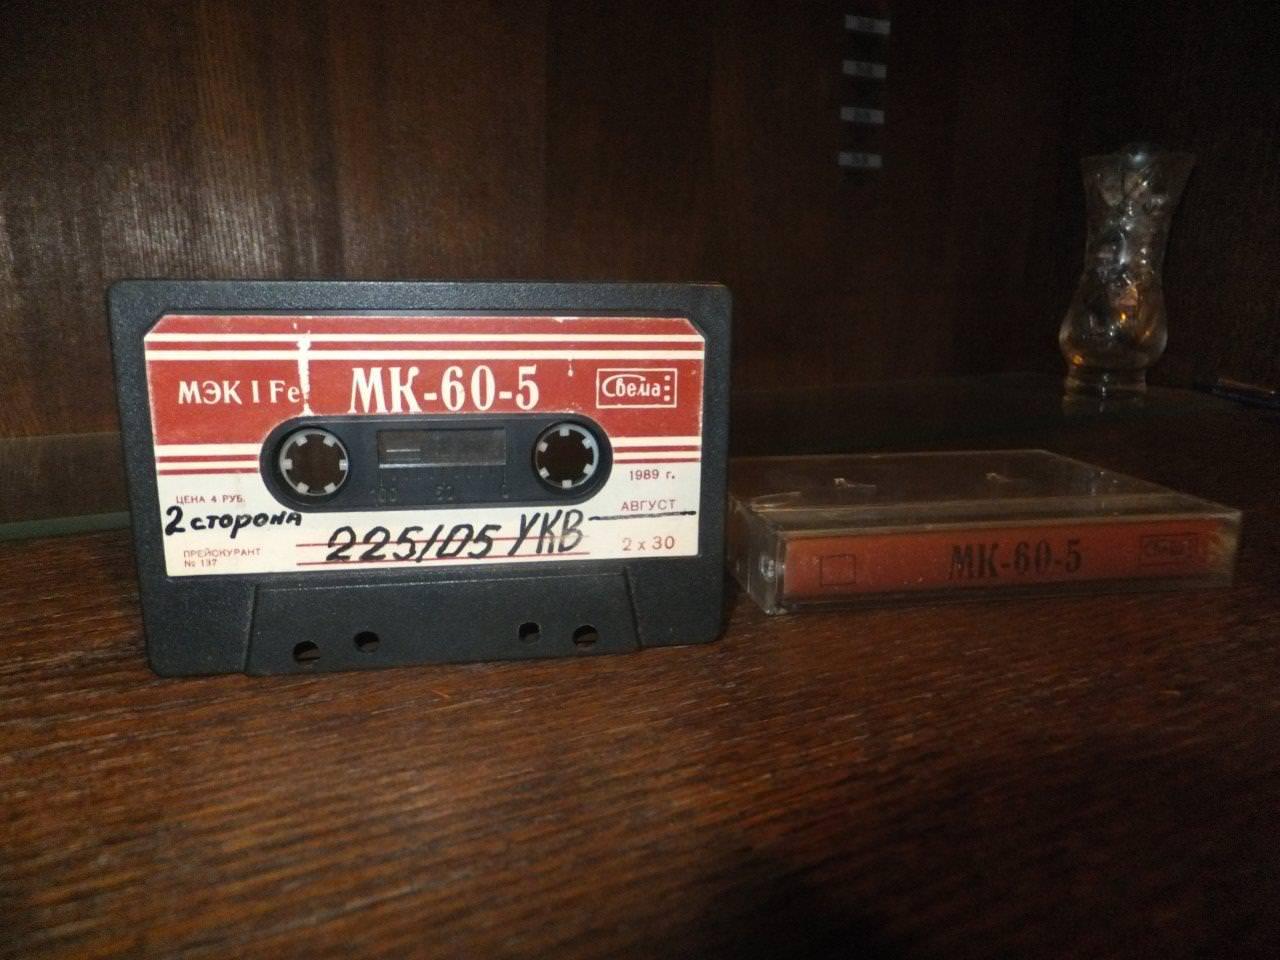 1989 - Дембельская аудиокассета, вид 2